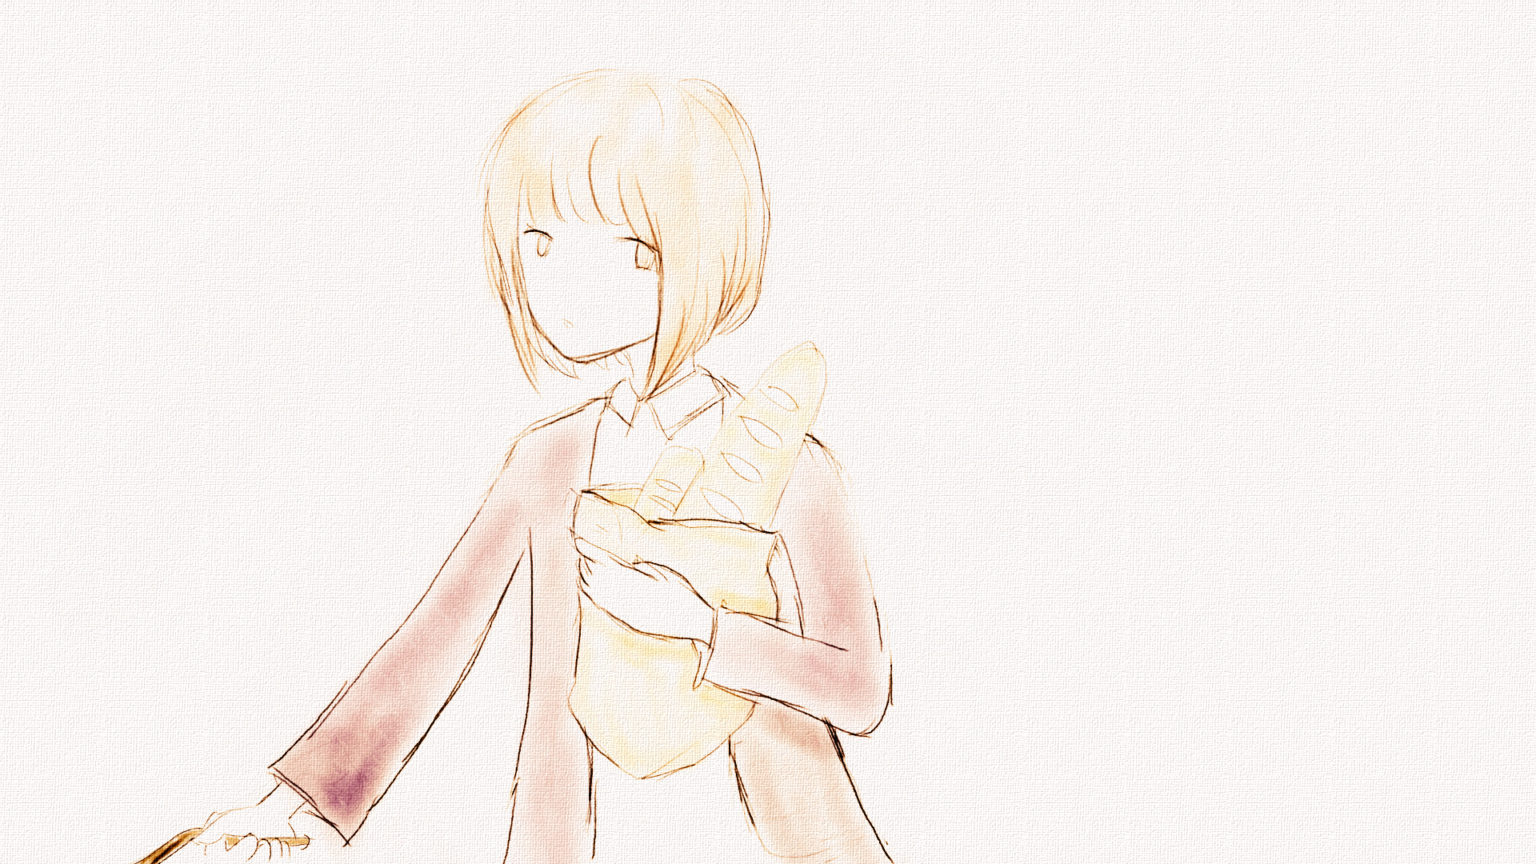 パンを持っている女の子のイラスト